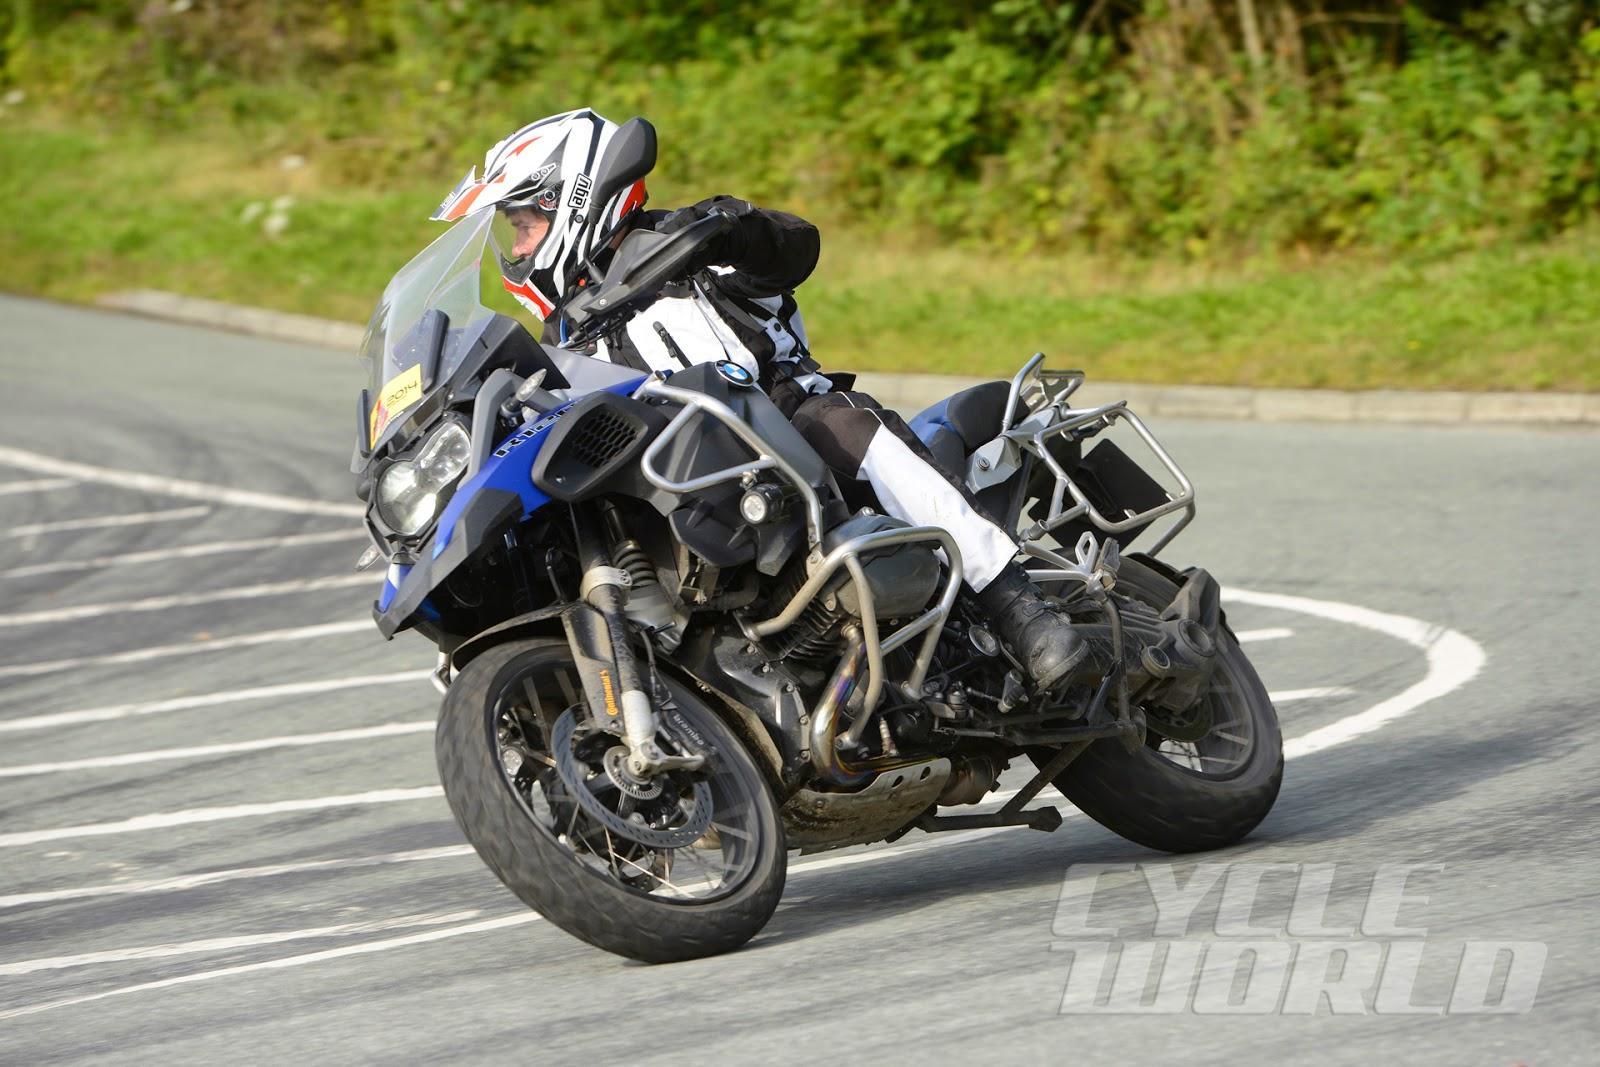 http://motorcyclesky.blogspot.com/olgallery/129395/129406/8